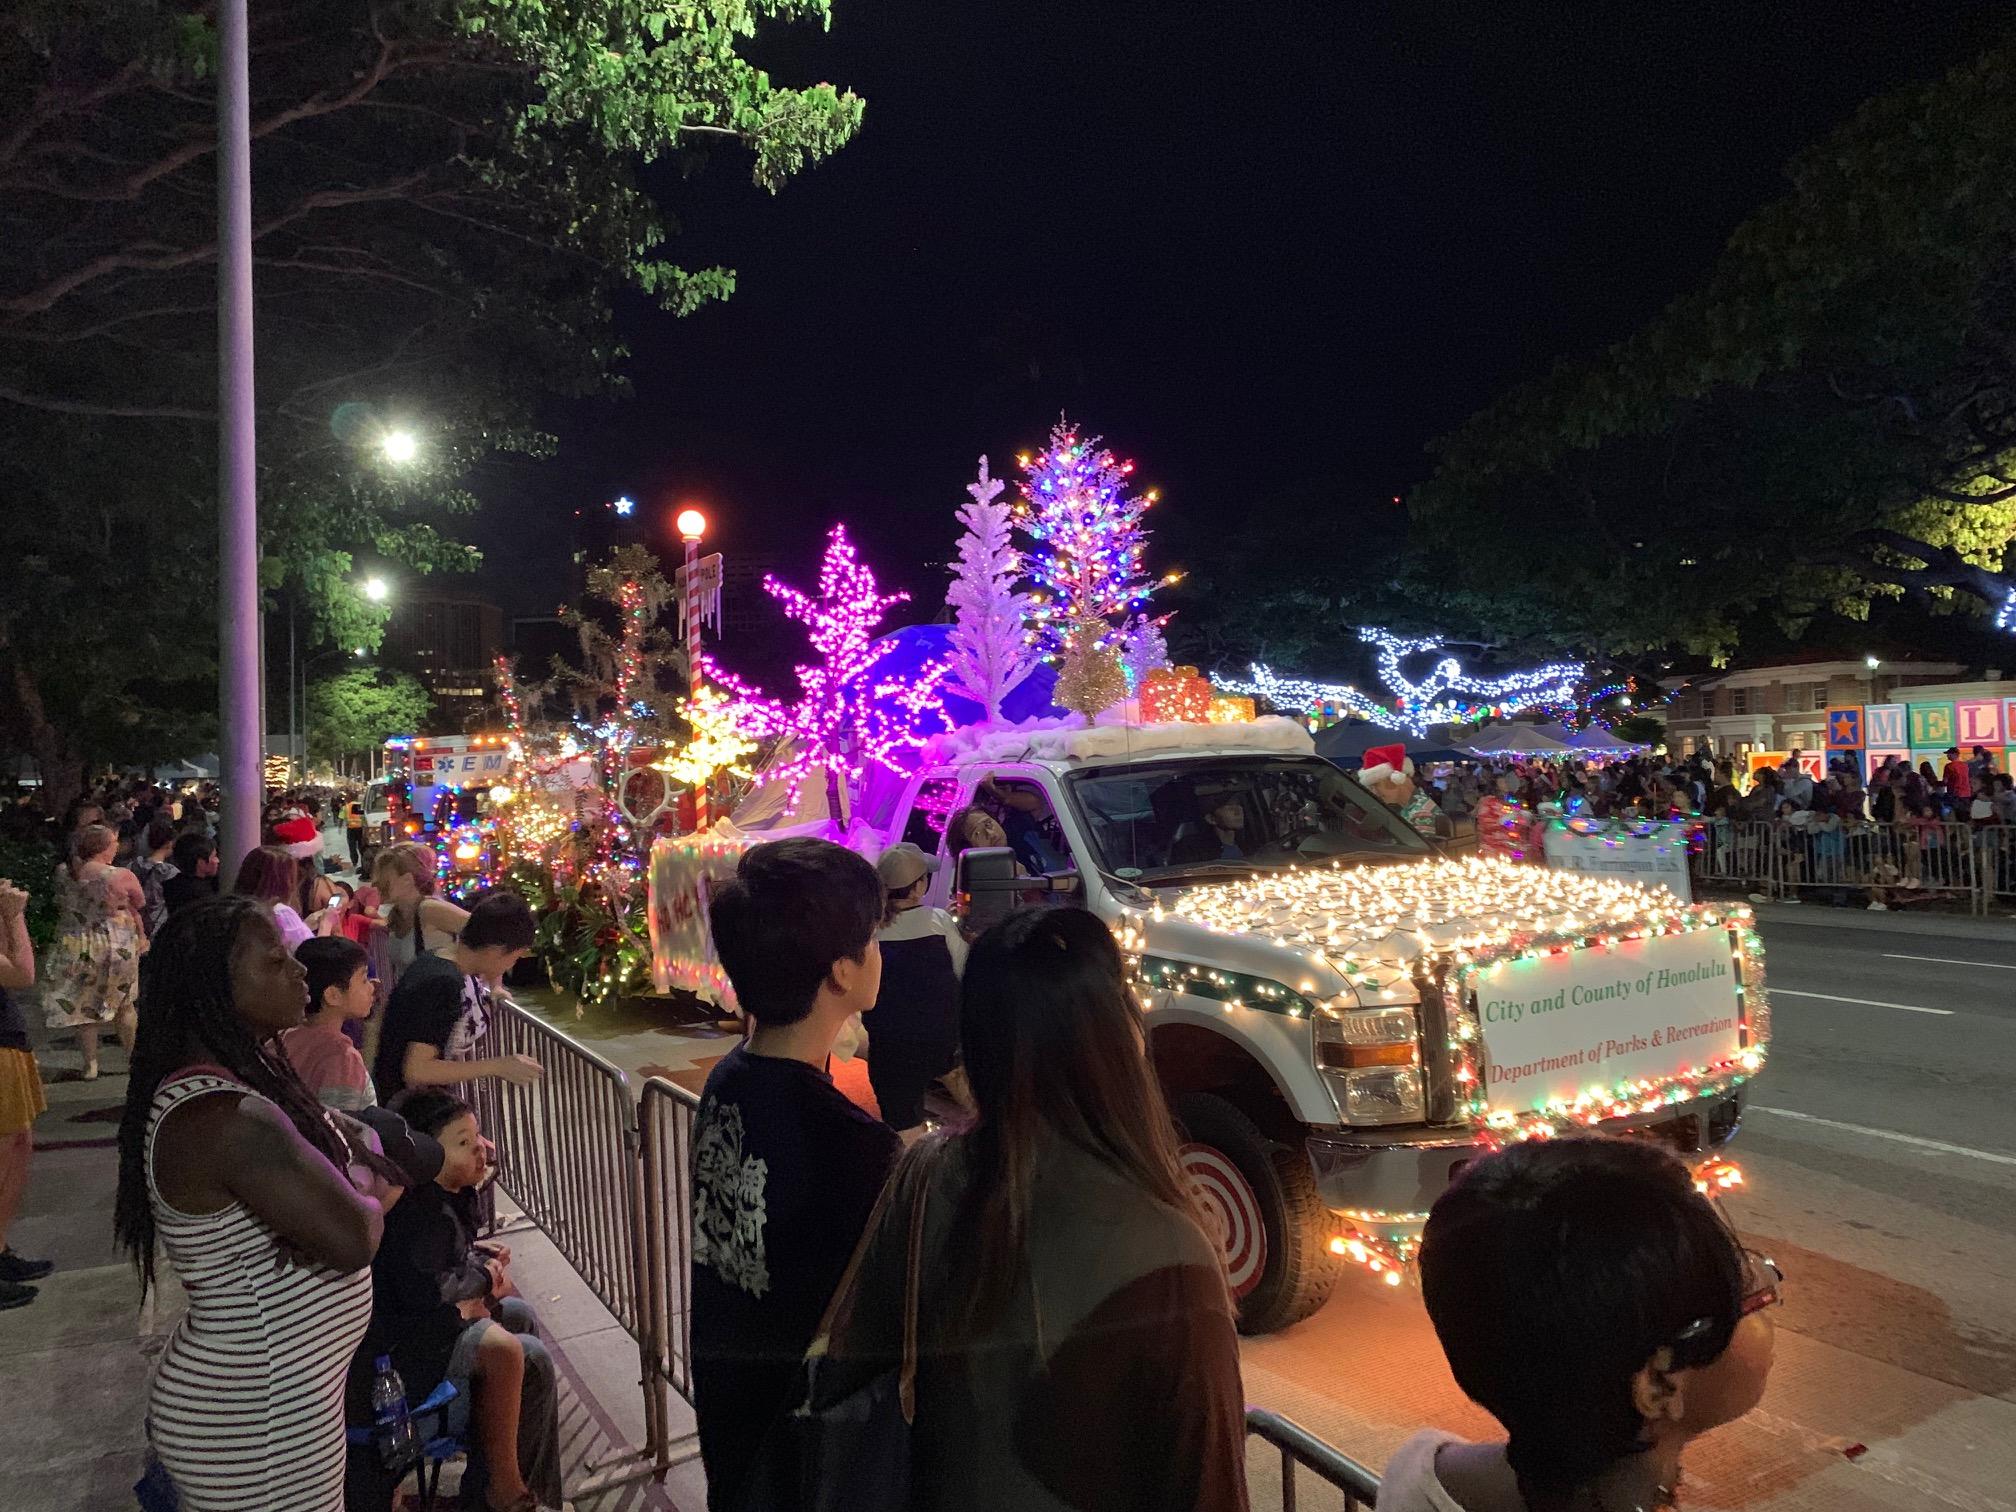 クリスマスの雰囲気満載のパブリック ワーカーズ エレクトリック ライト パレード